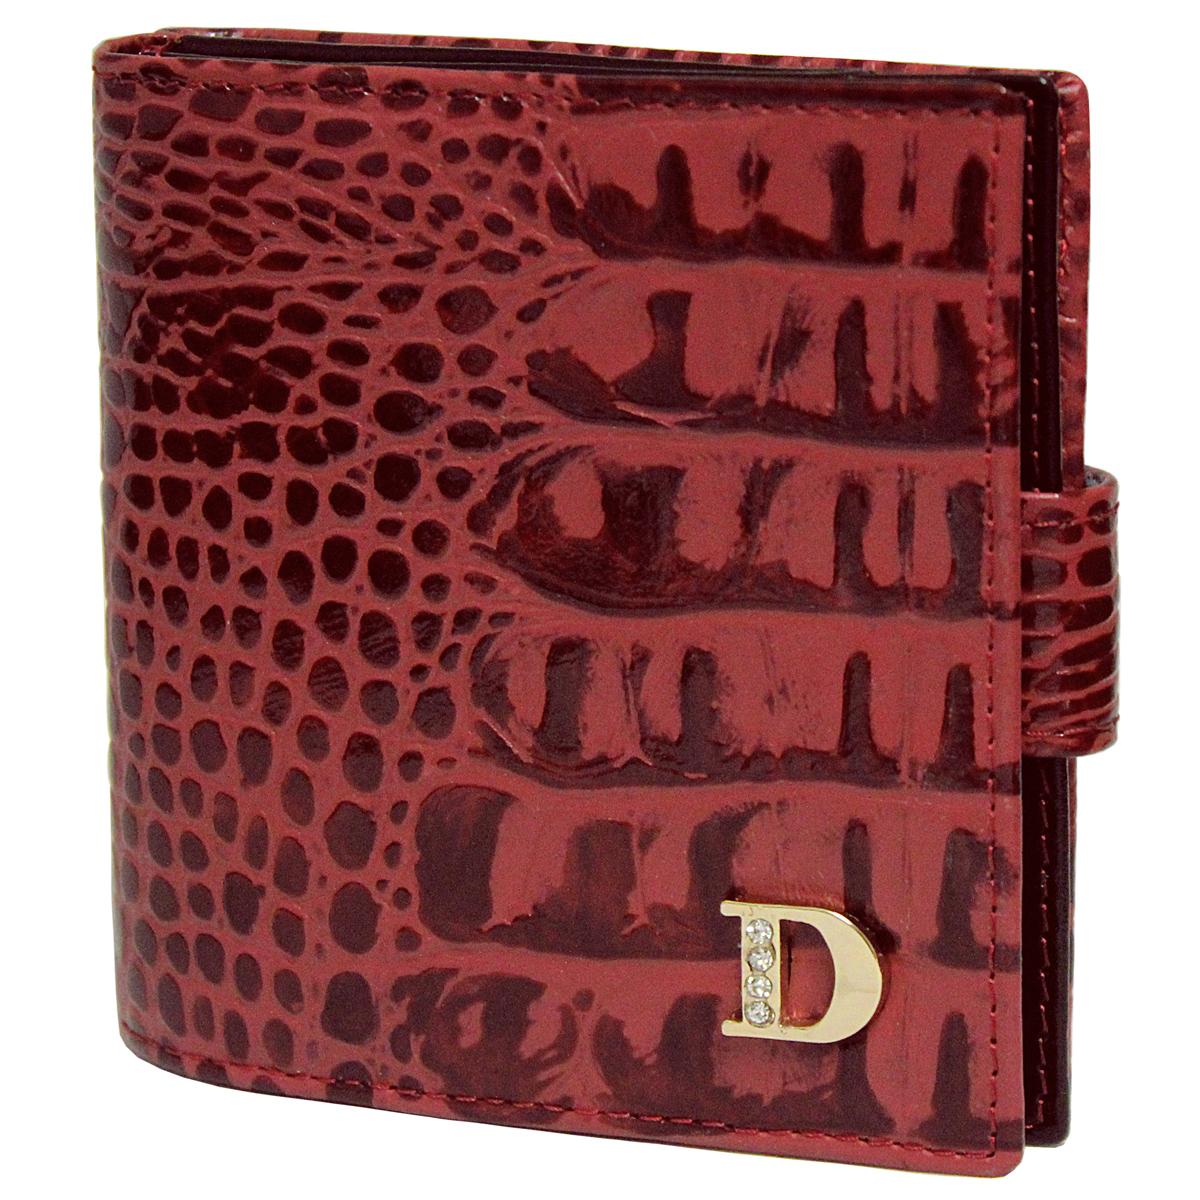 Кошелек женский Dimanche Loricata Rouge, цвет: красный, черный. 210210Женский компактный кошелек Loricata Rouge выполнен из натуральной высококачественной кожи с декоративным тиснением. Кошелек состоит из двух отделений. Первое отделение закрывается на магнитную кнопку, имеет четыре кармашка для кредиток и карман для монет с клапаном на кнопке. Второе отделение также закрывается на магнитную кнопку и содержит два кармана для купюр. Между отделениями также предусмотрен кармашек. Кошелек упакован в фирменную картонную коробку.